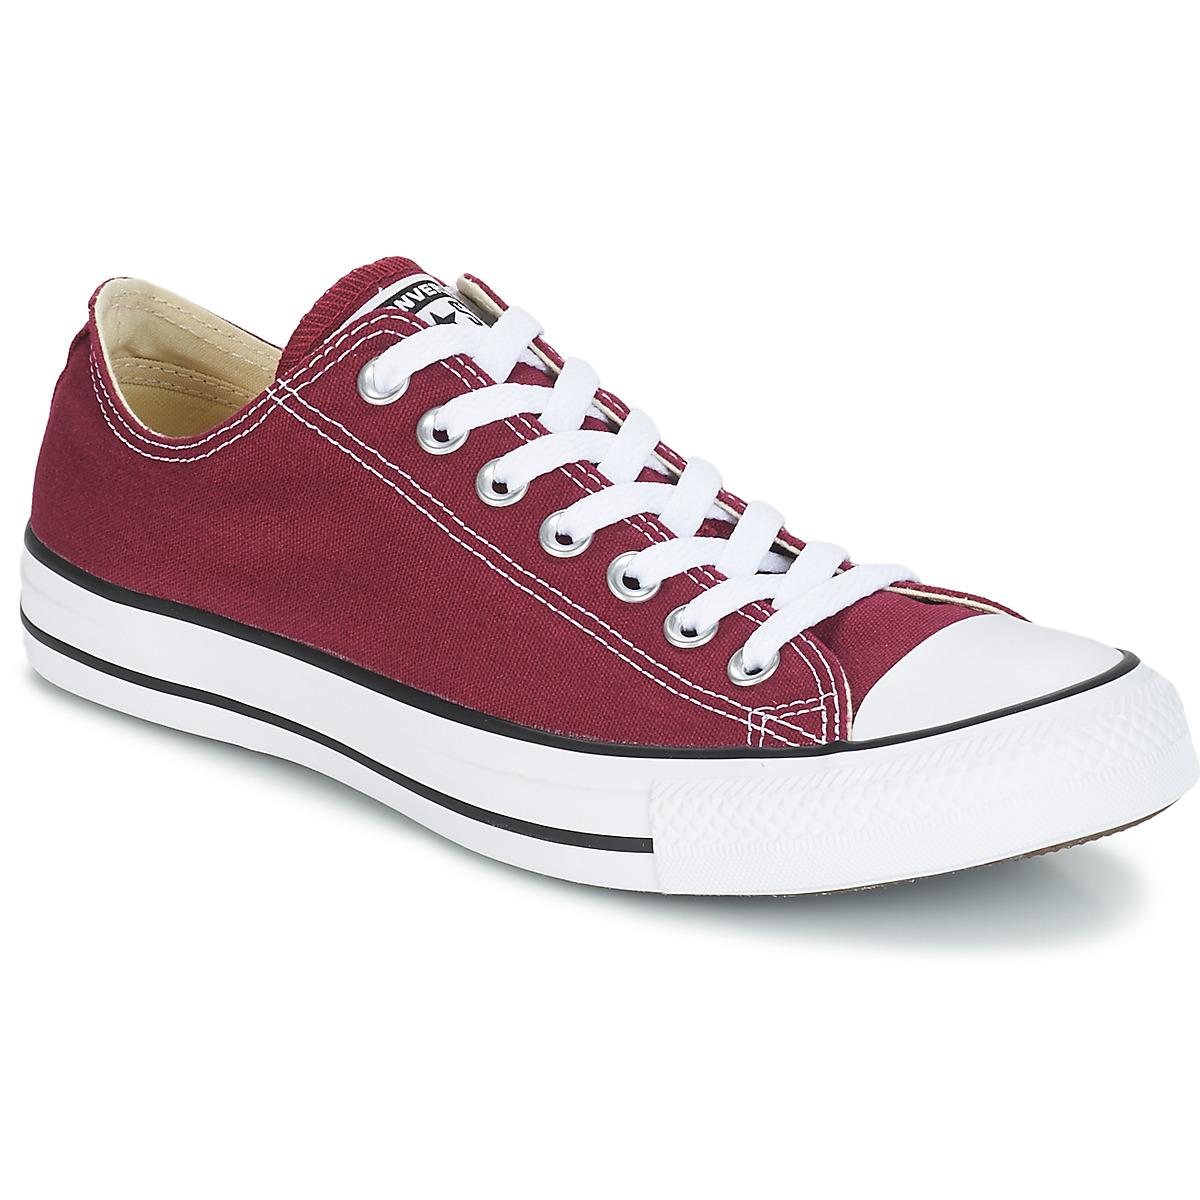 Converse CHUCK TAYLOR ALL STAR CORE OX Bordeaux - Kostenloser Versand bei Spartoode ! - Schuhe Sneaker Low  51,99 €